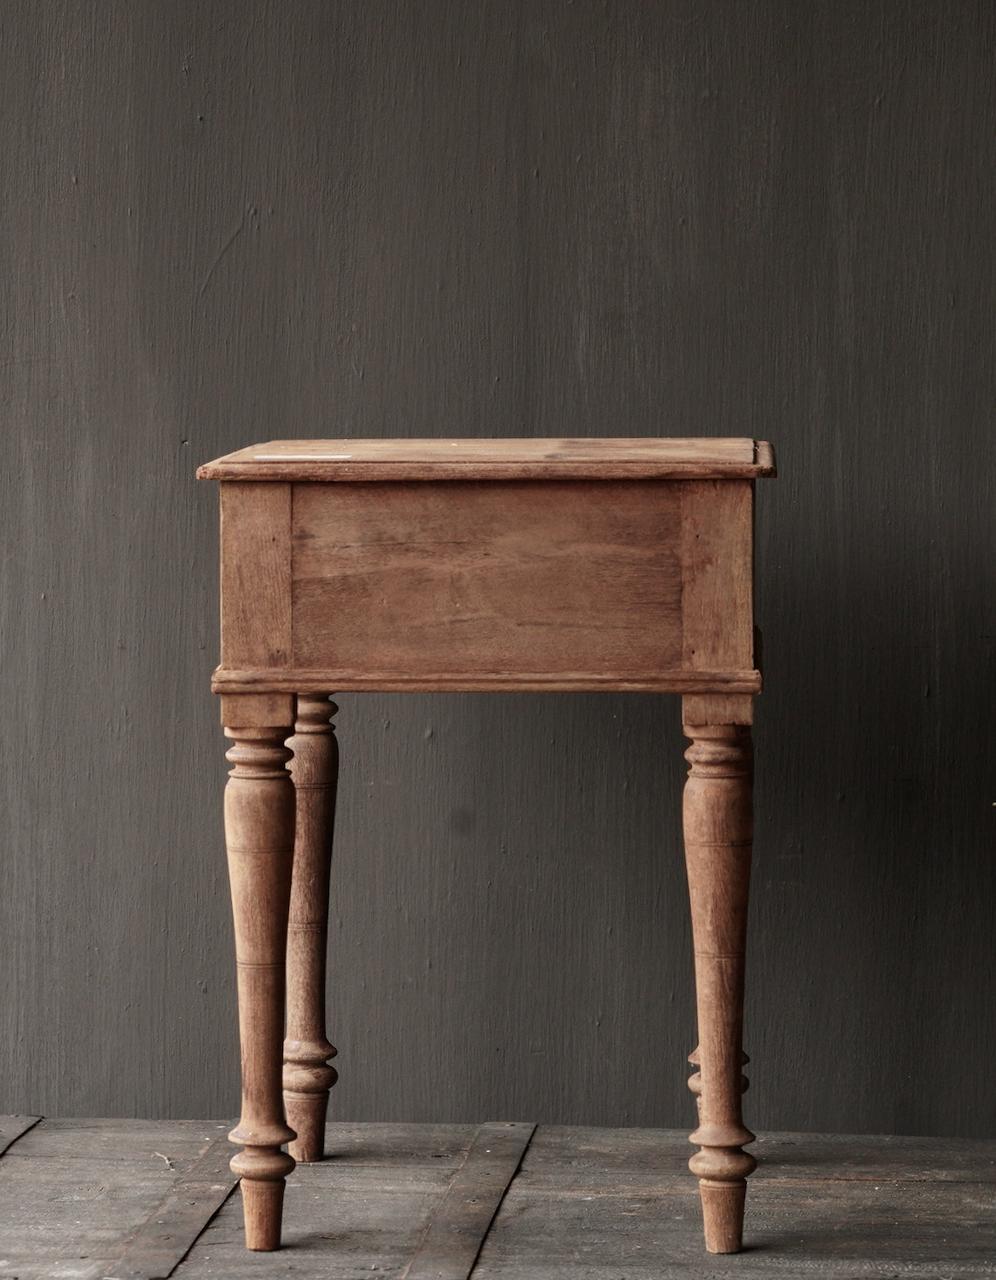 Einzigartiger alter authentischer Holzminitisch-3